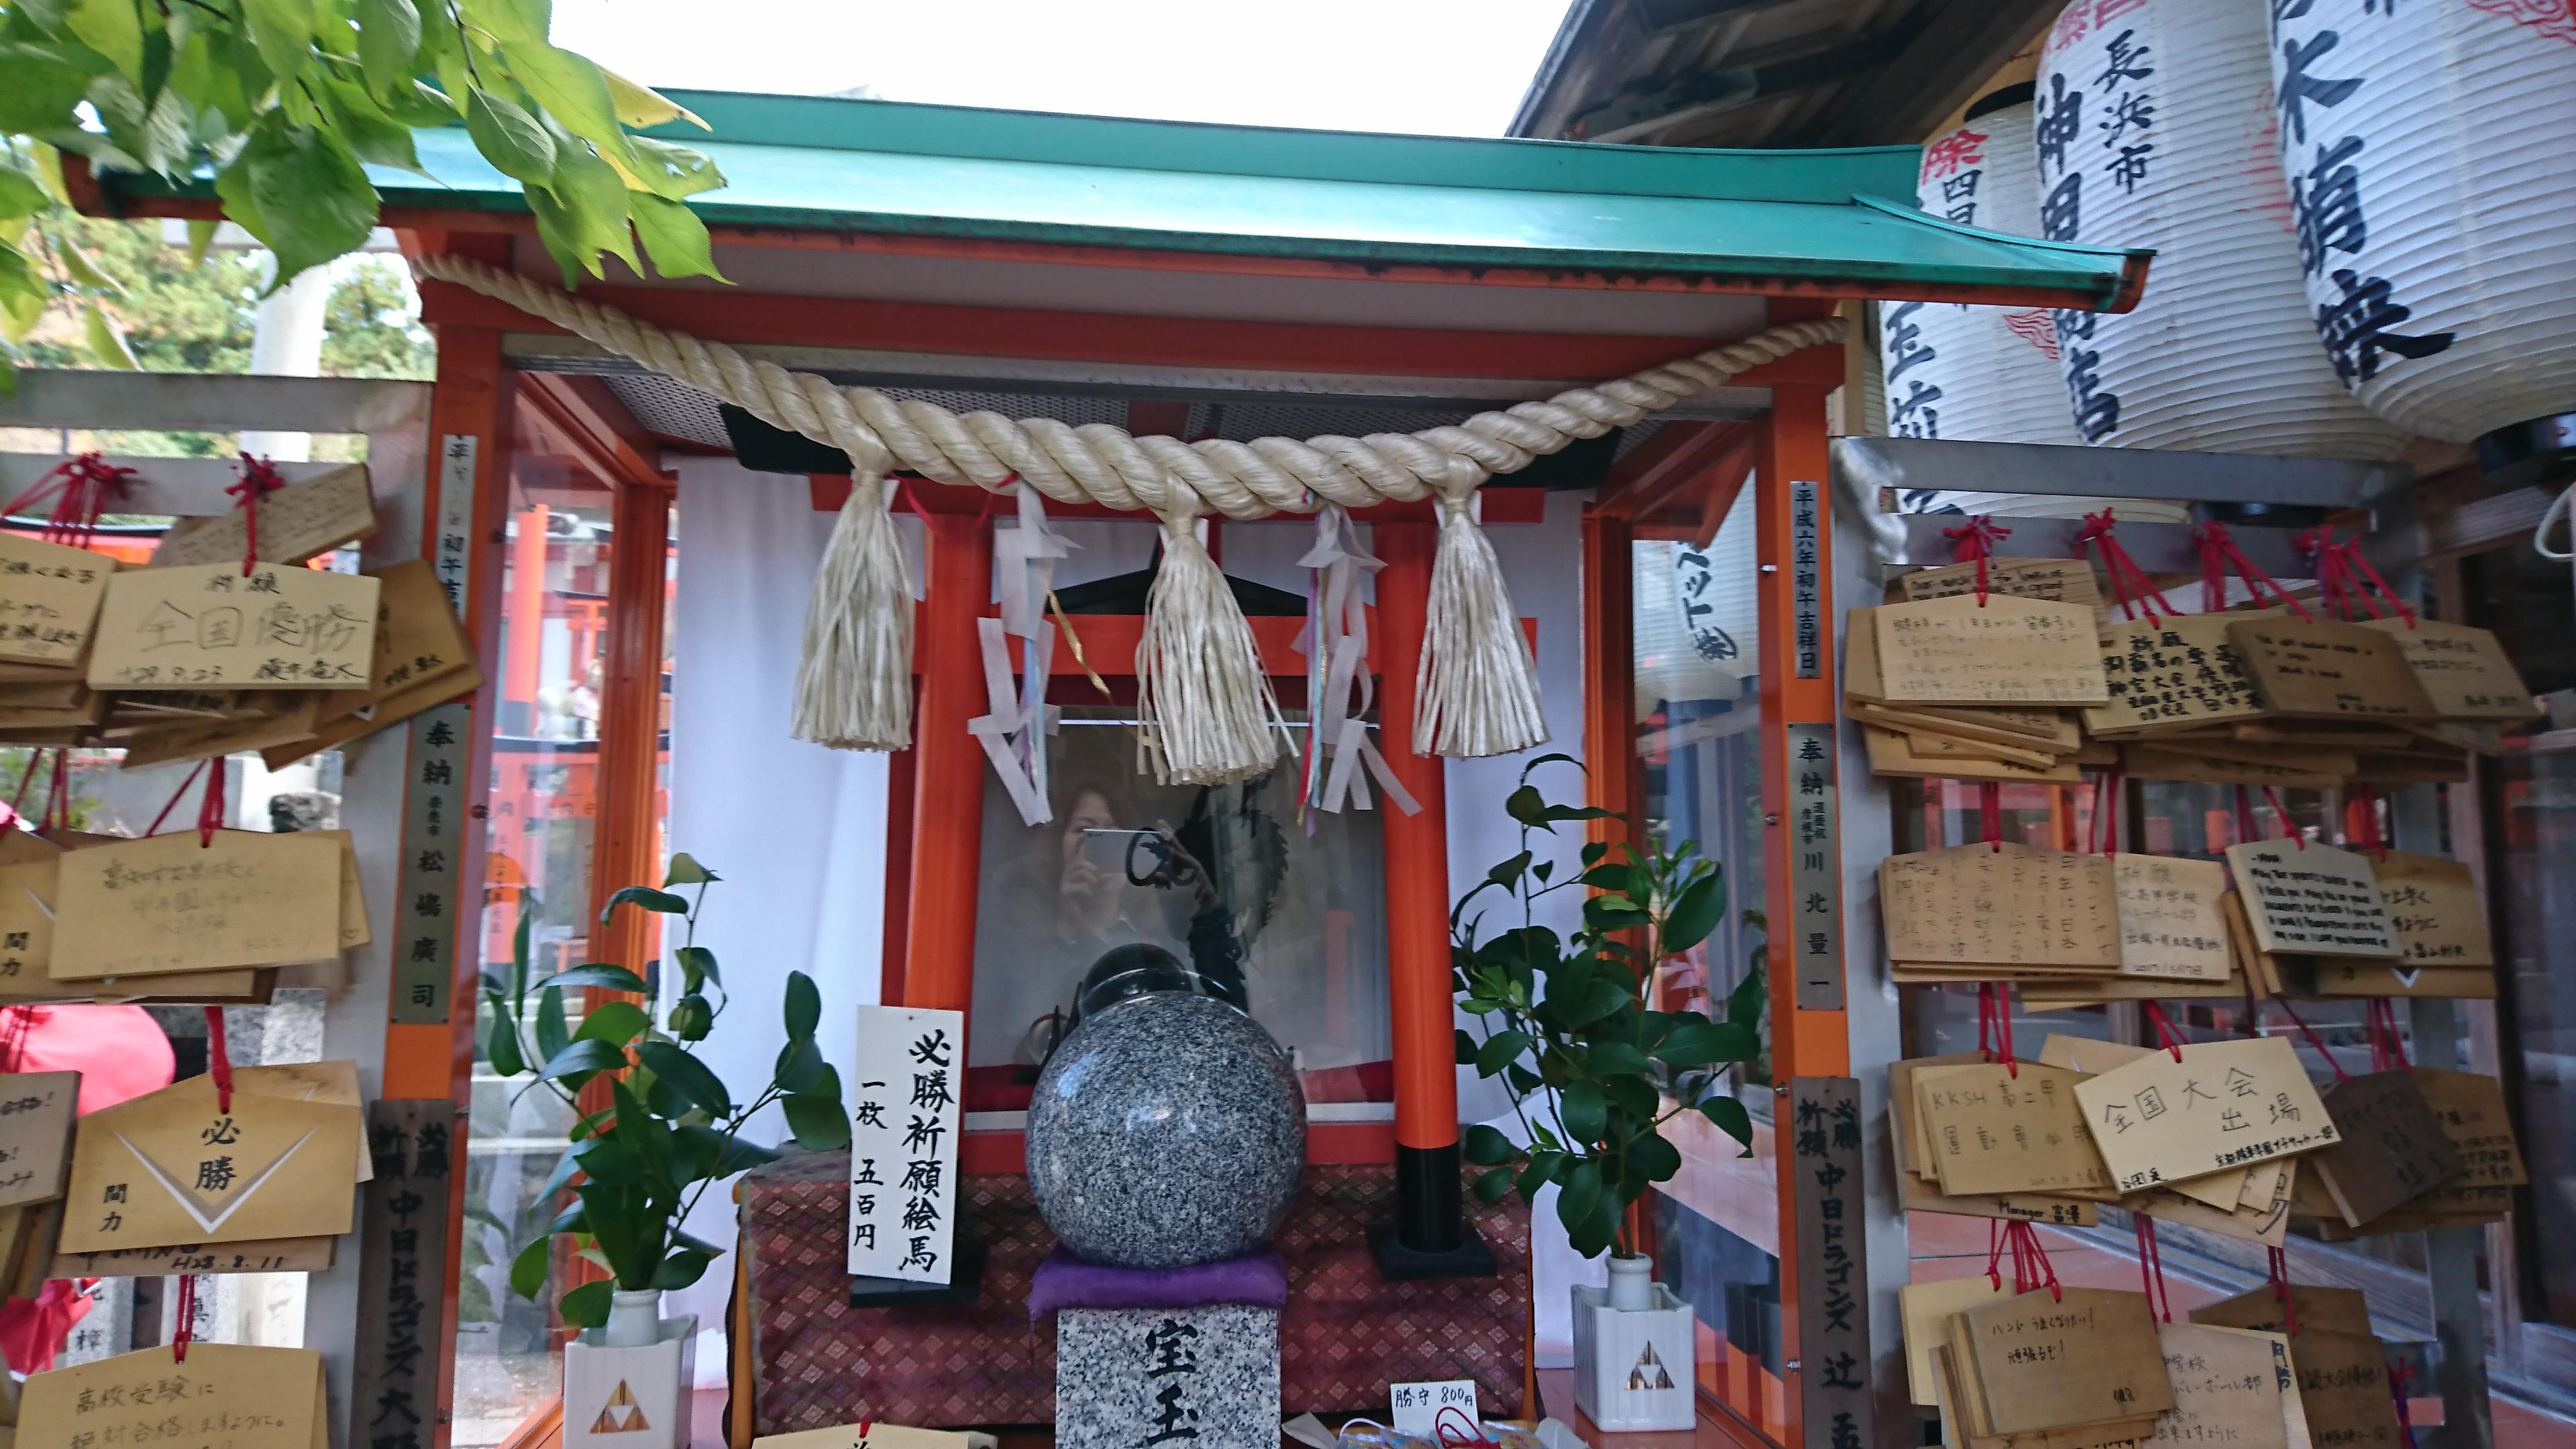 京都伏見稲荷大社の裏参道にある間力教会